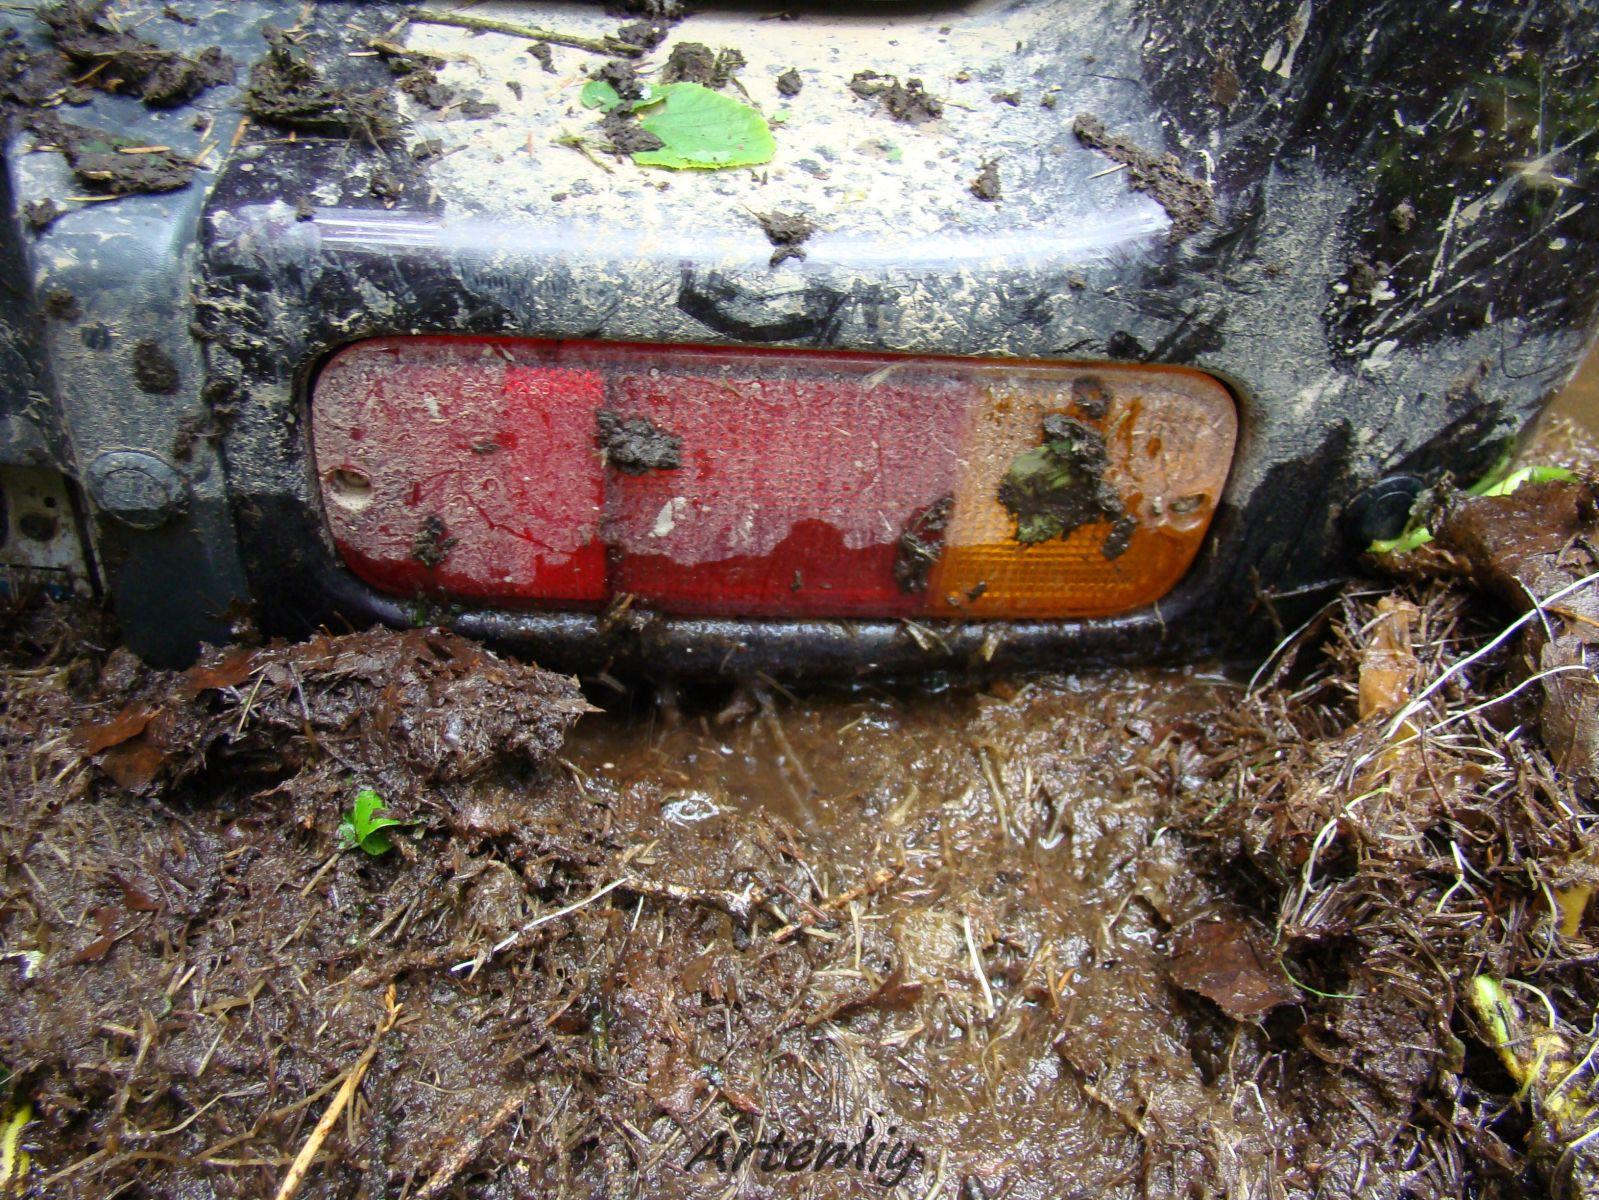 глаз автомобиля из грязи